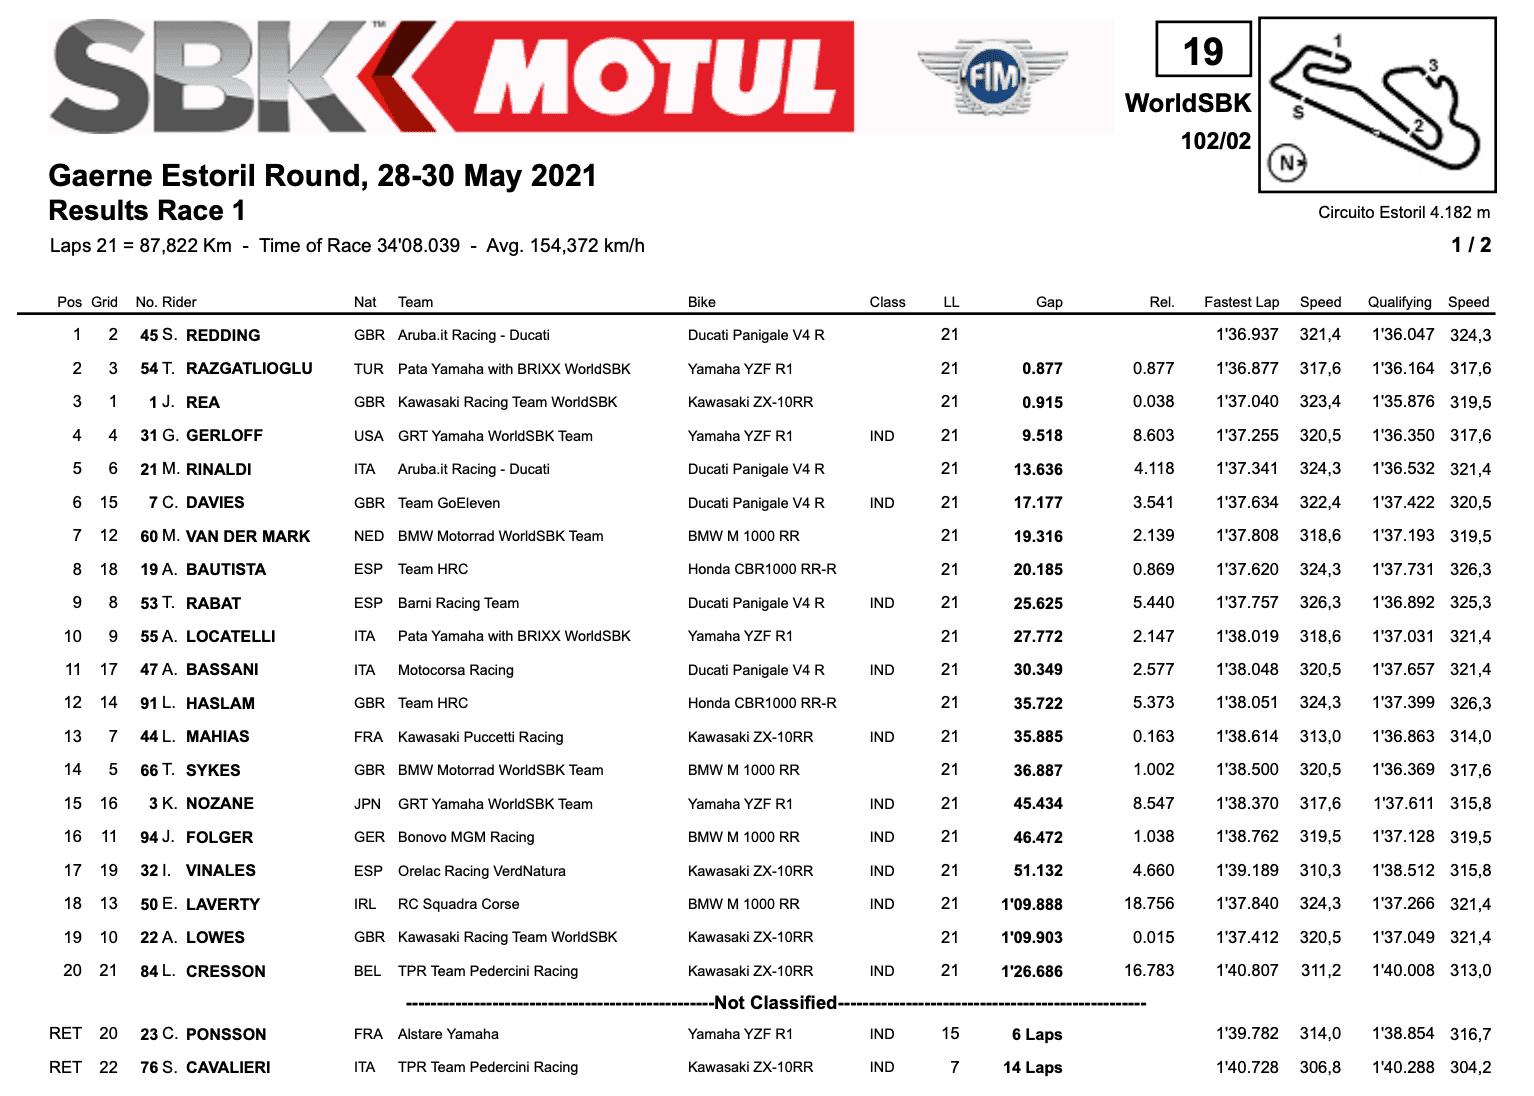 FIM スーパーバイク世界選手権(SBK)エストリル戦 レース1優勝はスコット・レディング